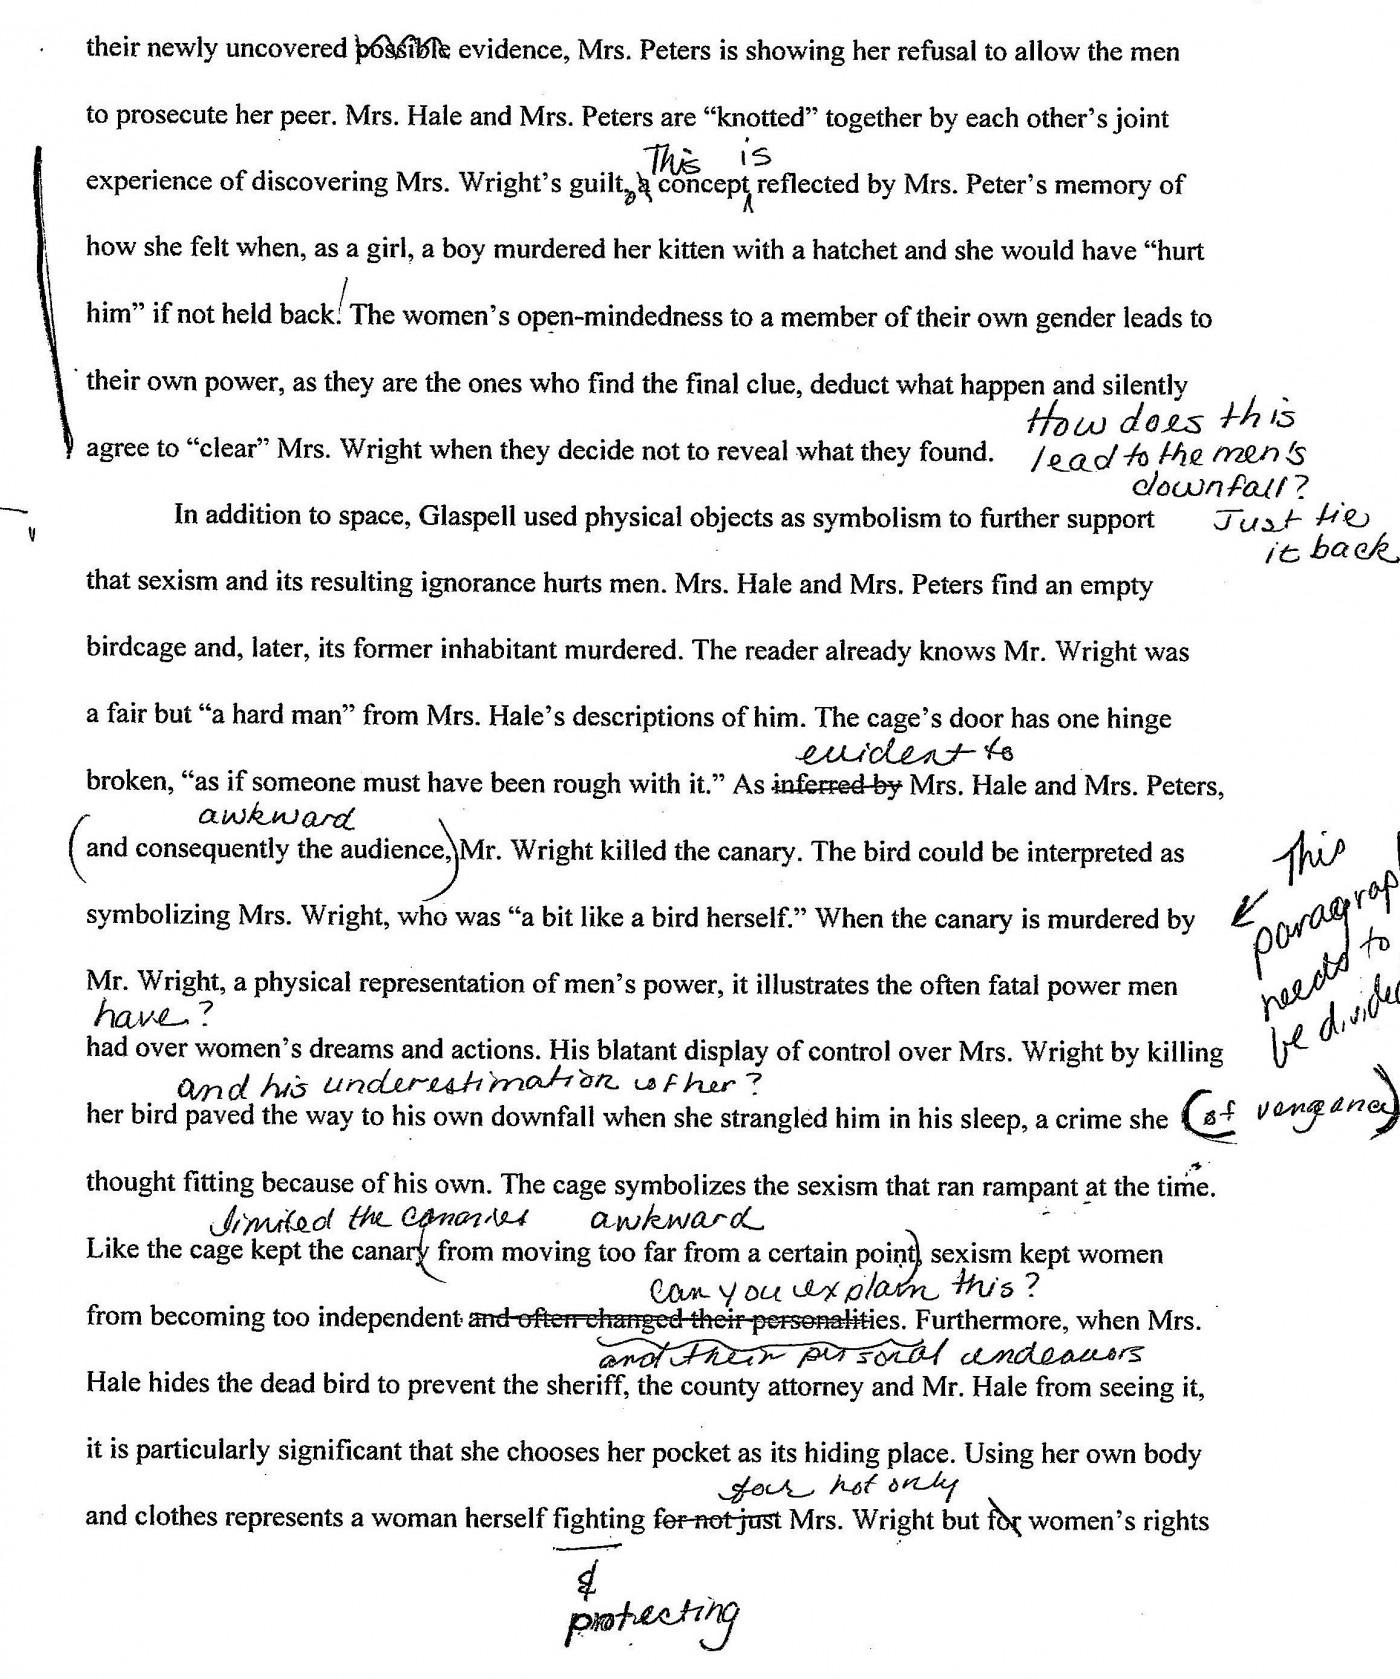 002 Trifles Essay Example Formidable Questions Feminism Topics 1400